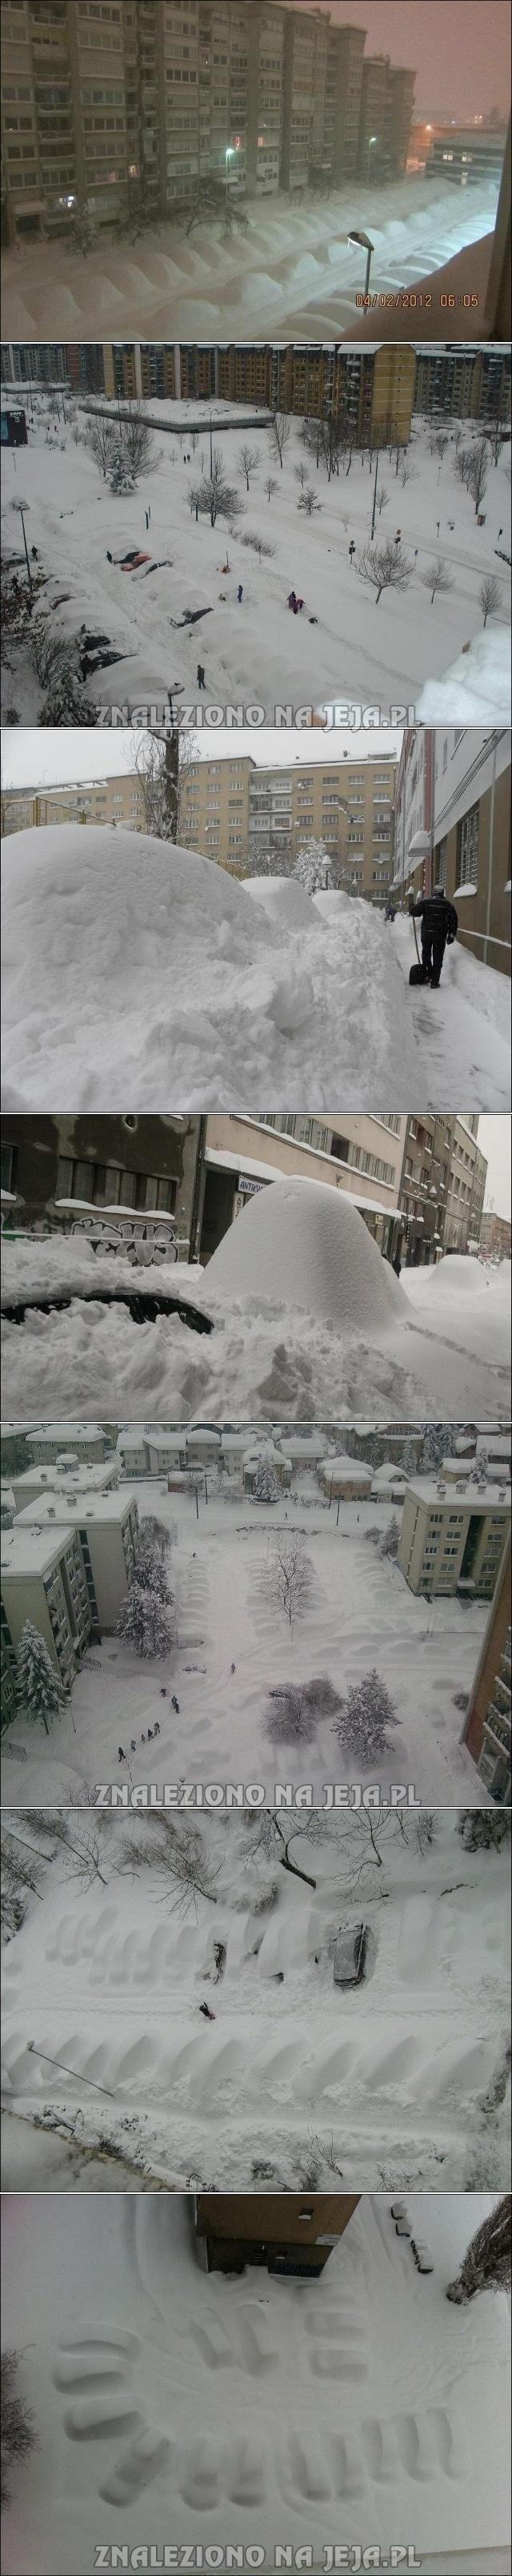 Śniegowe zaspy?